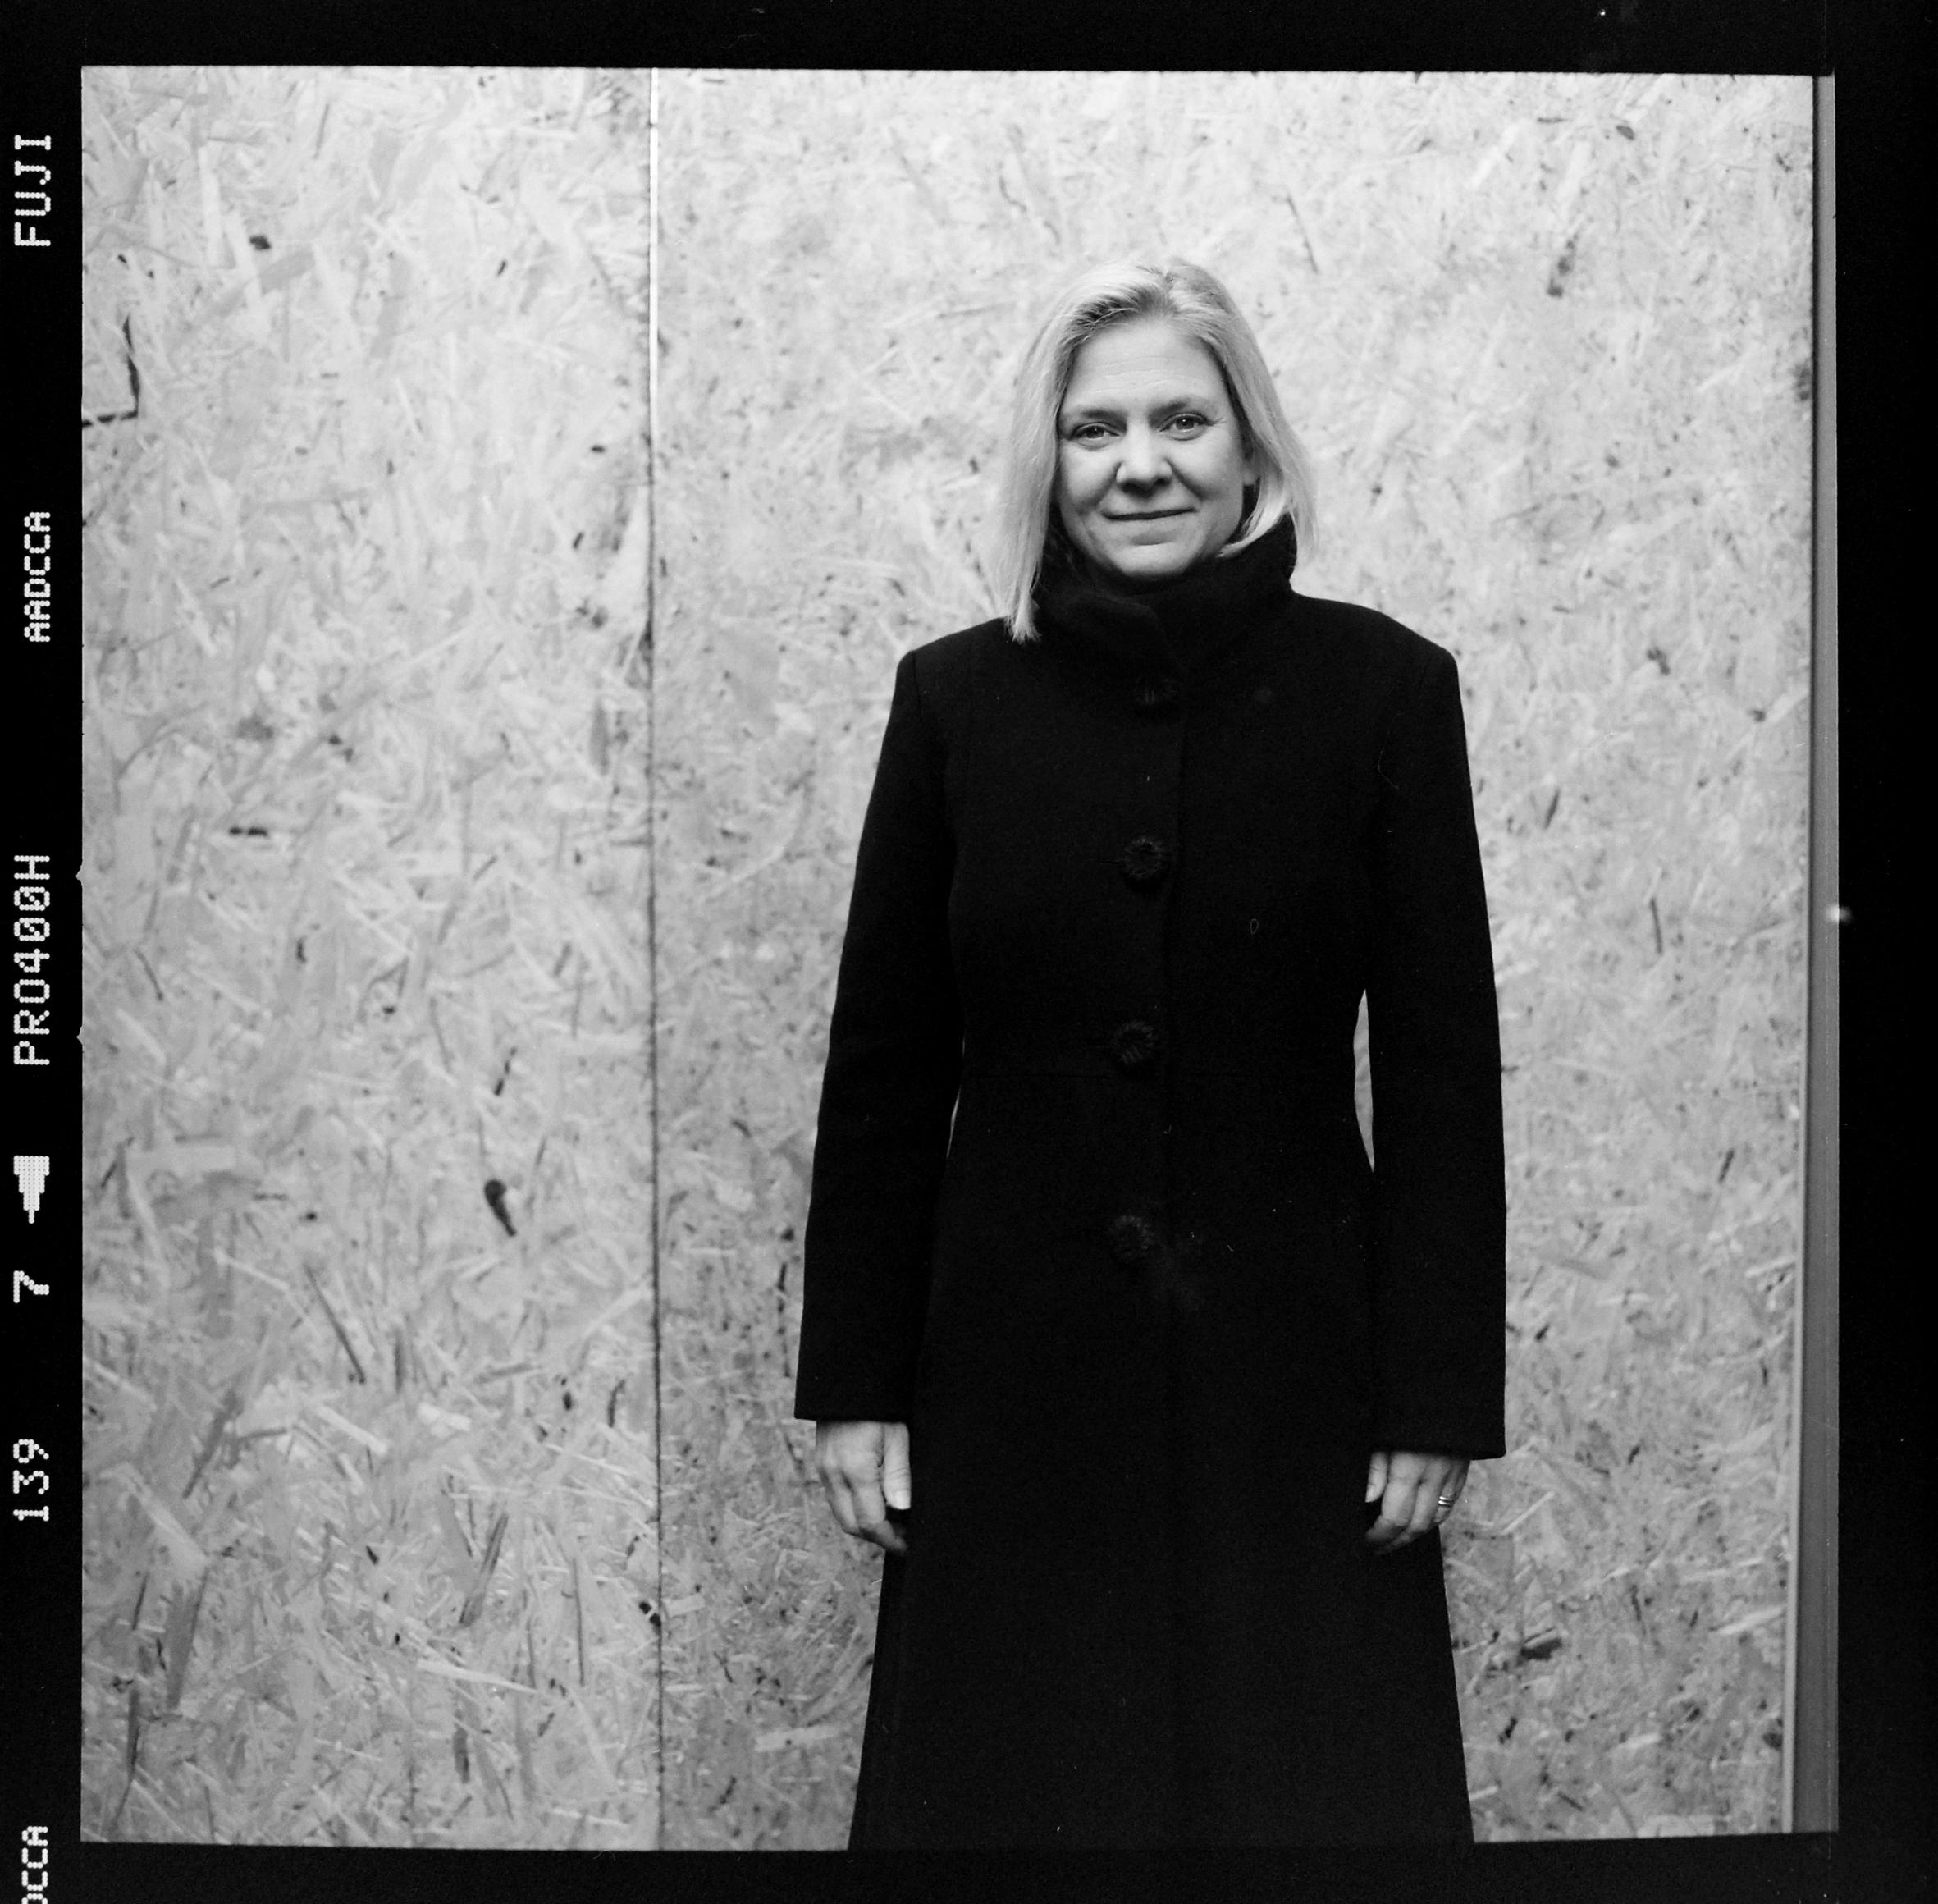 Foto: Mikael Andersson, Hasselblad med 80mm, f2,8 med inställningen f4-1/250 sek.